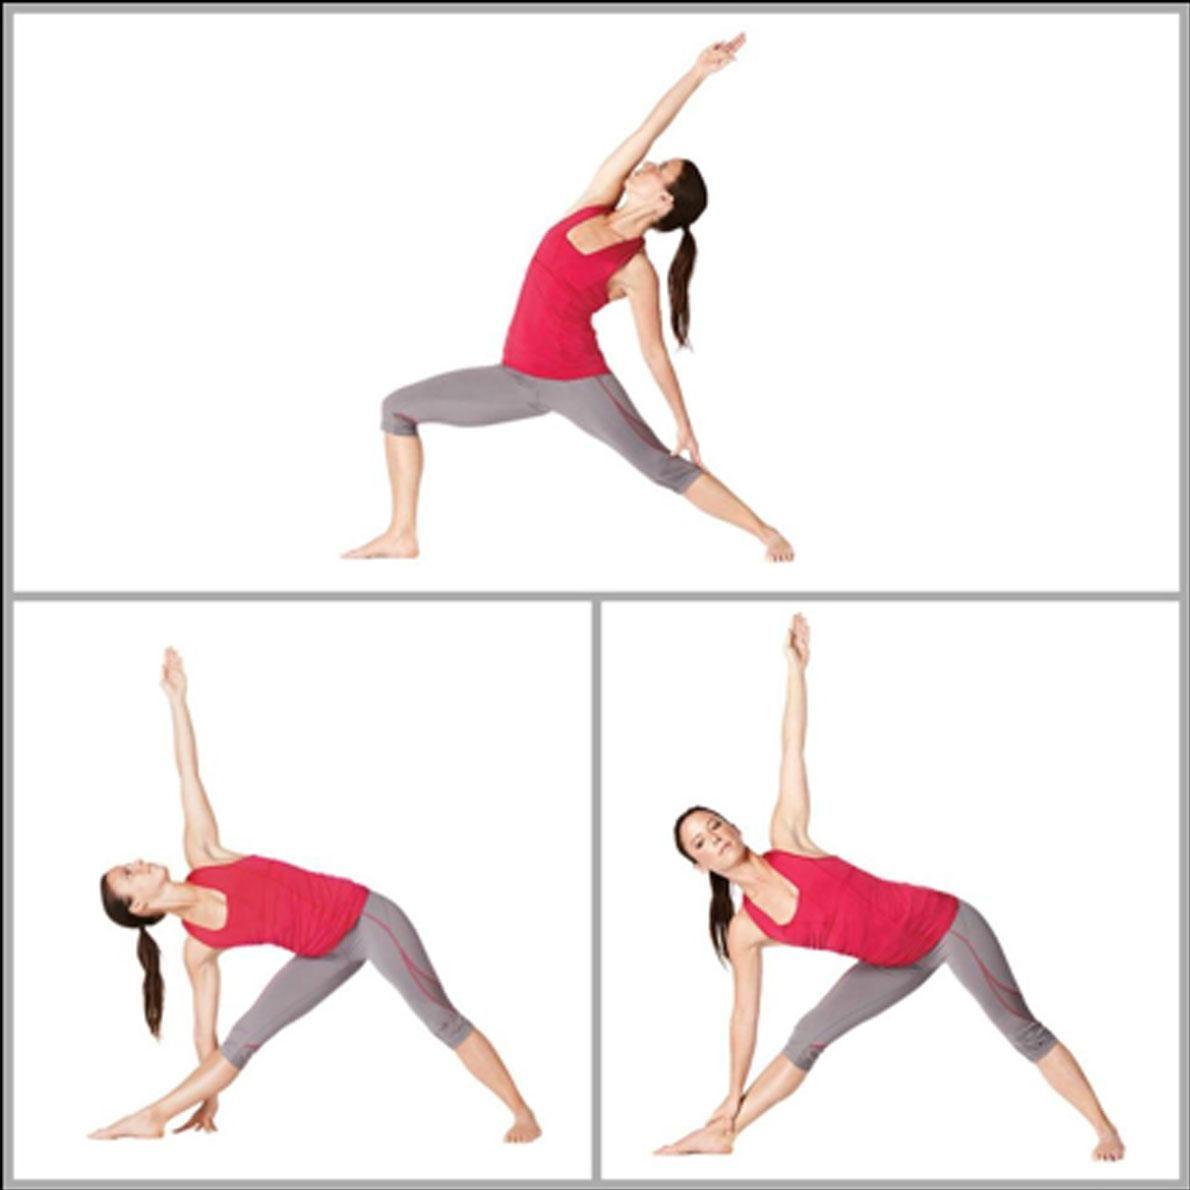 7 postures de yoga à faire chez soi | Posture de yoga ...